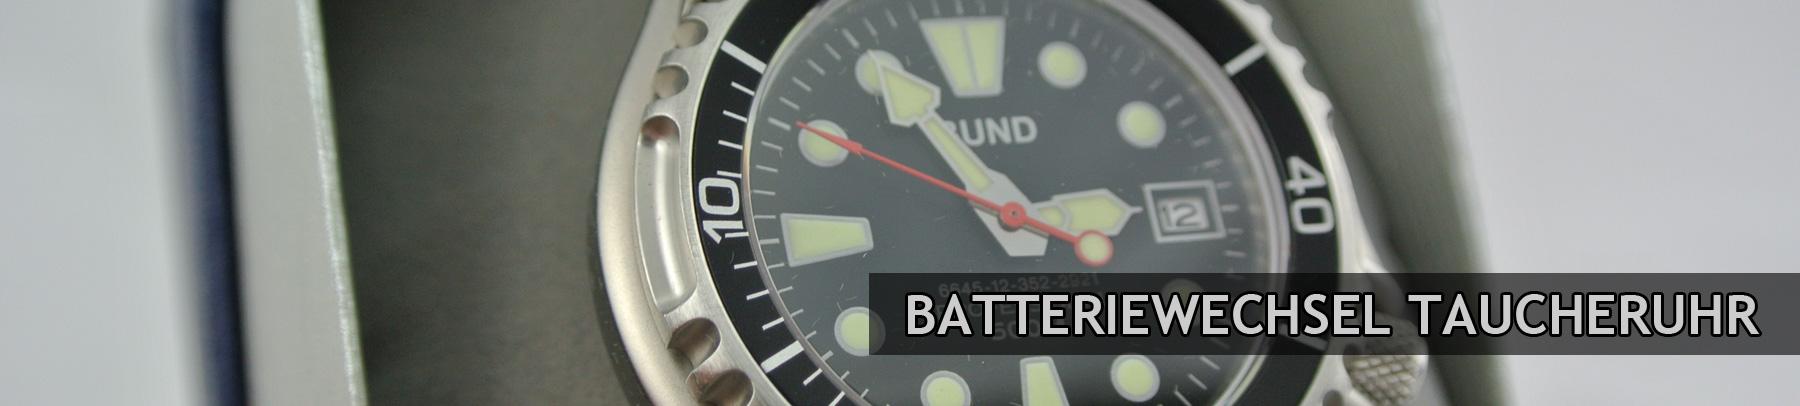 Batteriewechsel-Taucheruhr-Banner